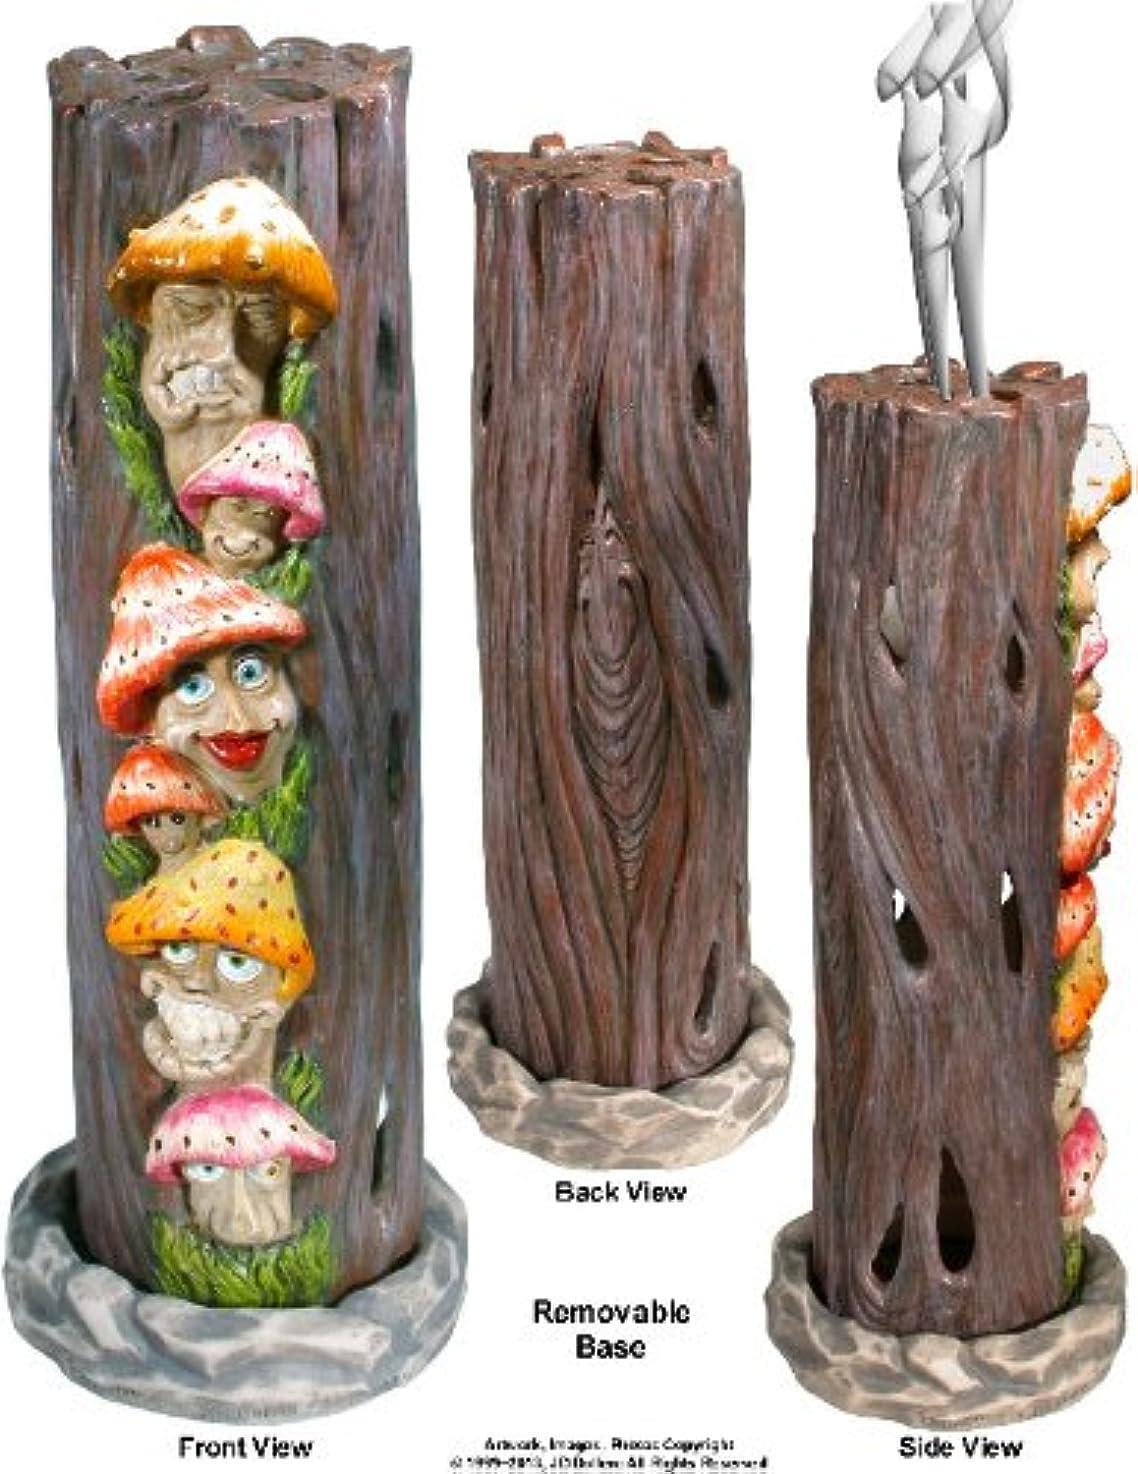 ブレンド八百屋宿題Mushrooms Family inアリスWonderland SmokingタワーIncense burner-ashcatcher by Nose Dessertsブランド